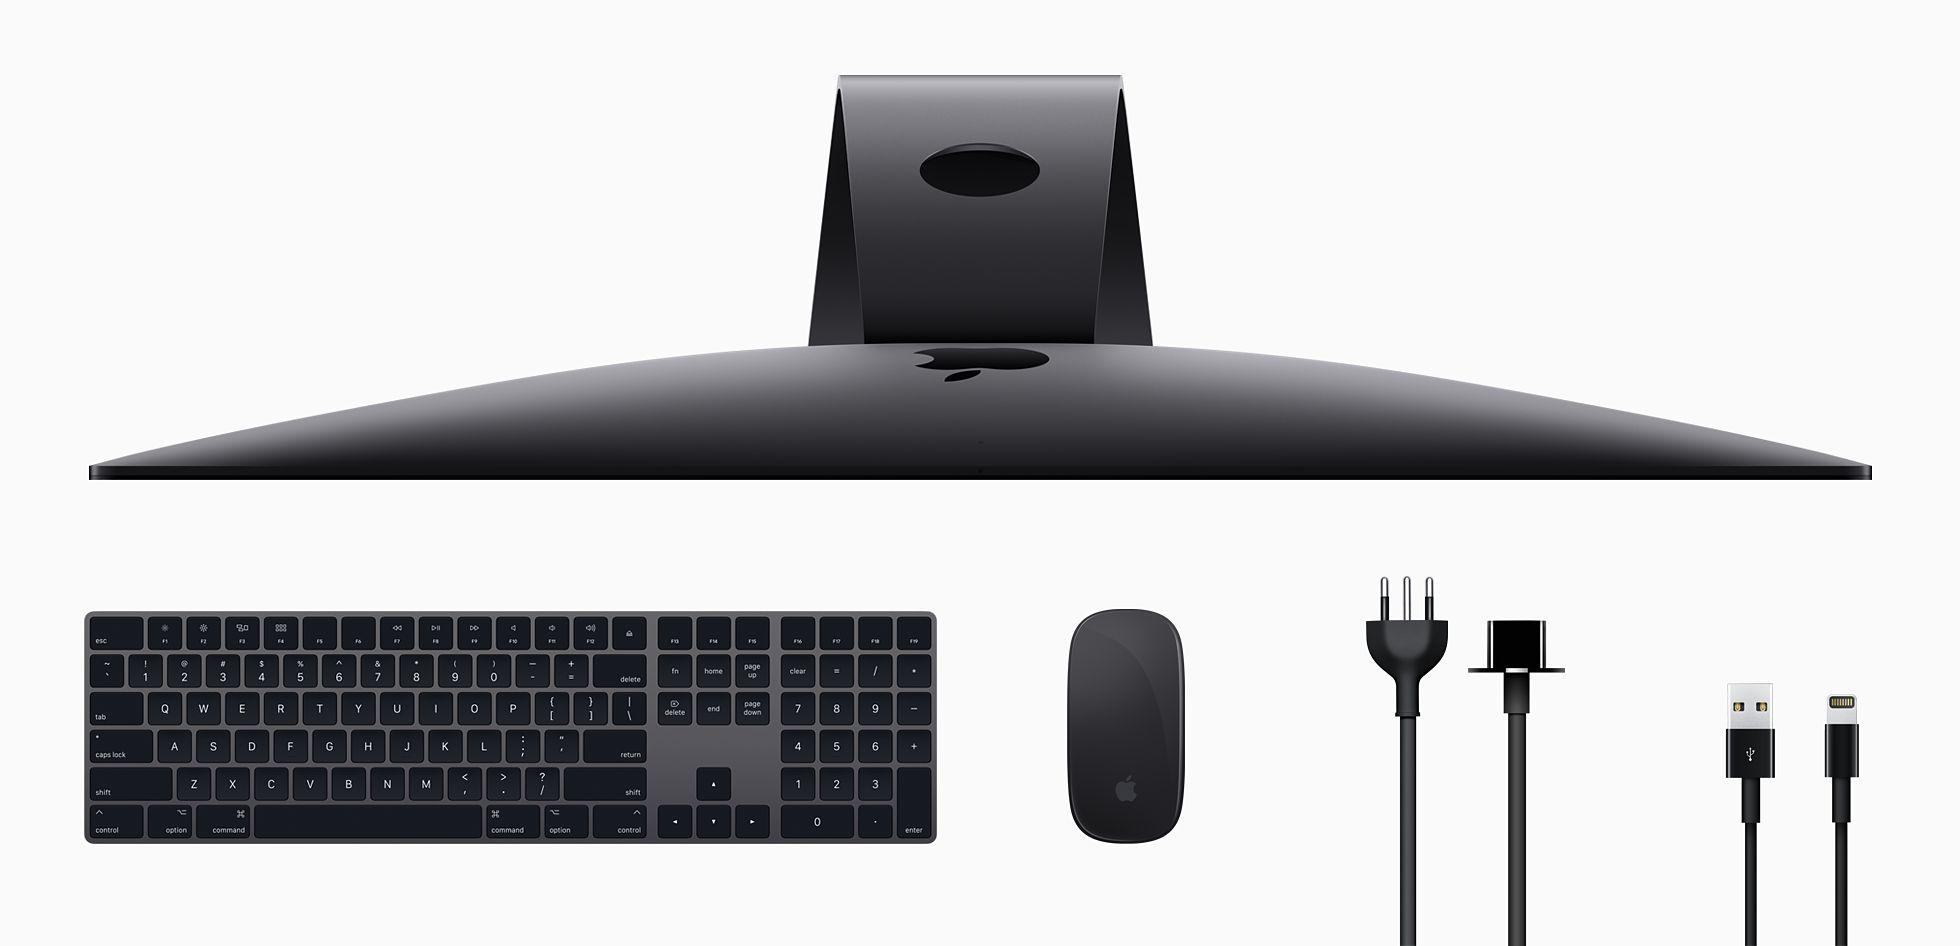 Acessórios que acompanham o iMac Pro